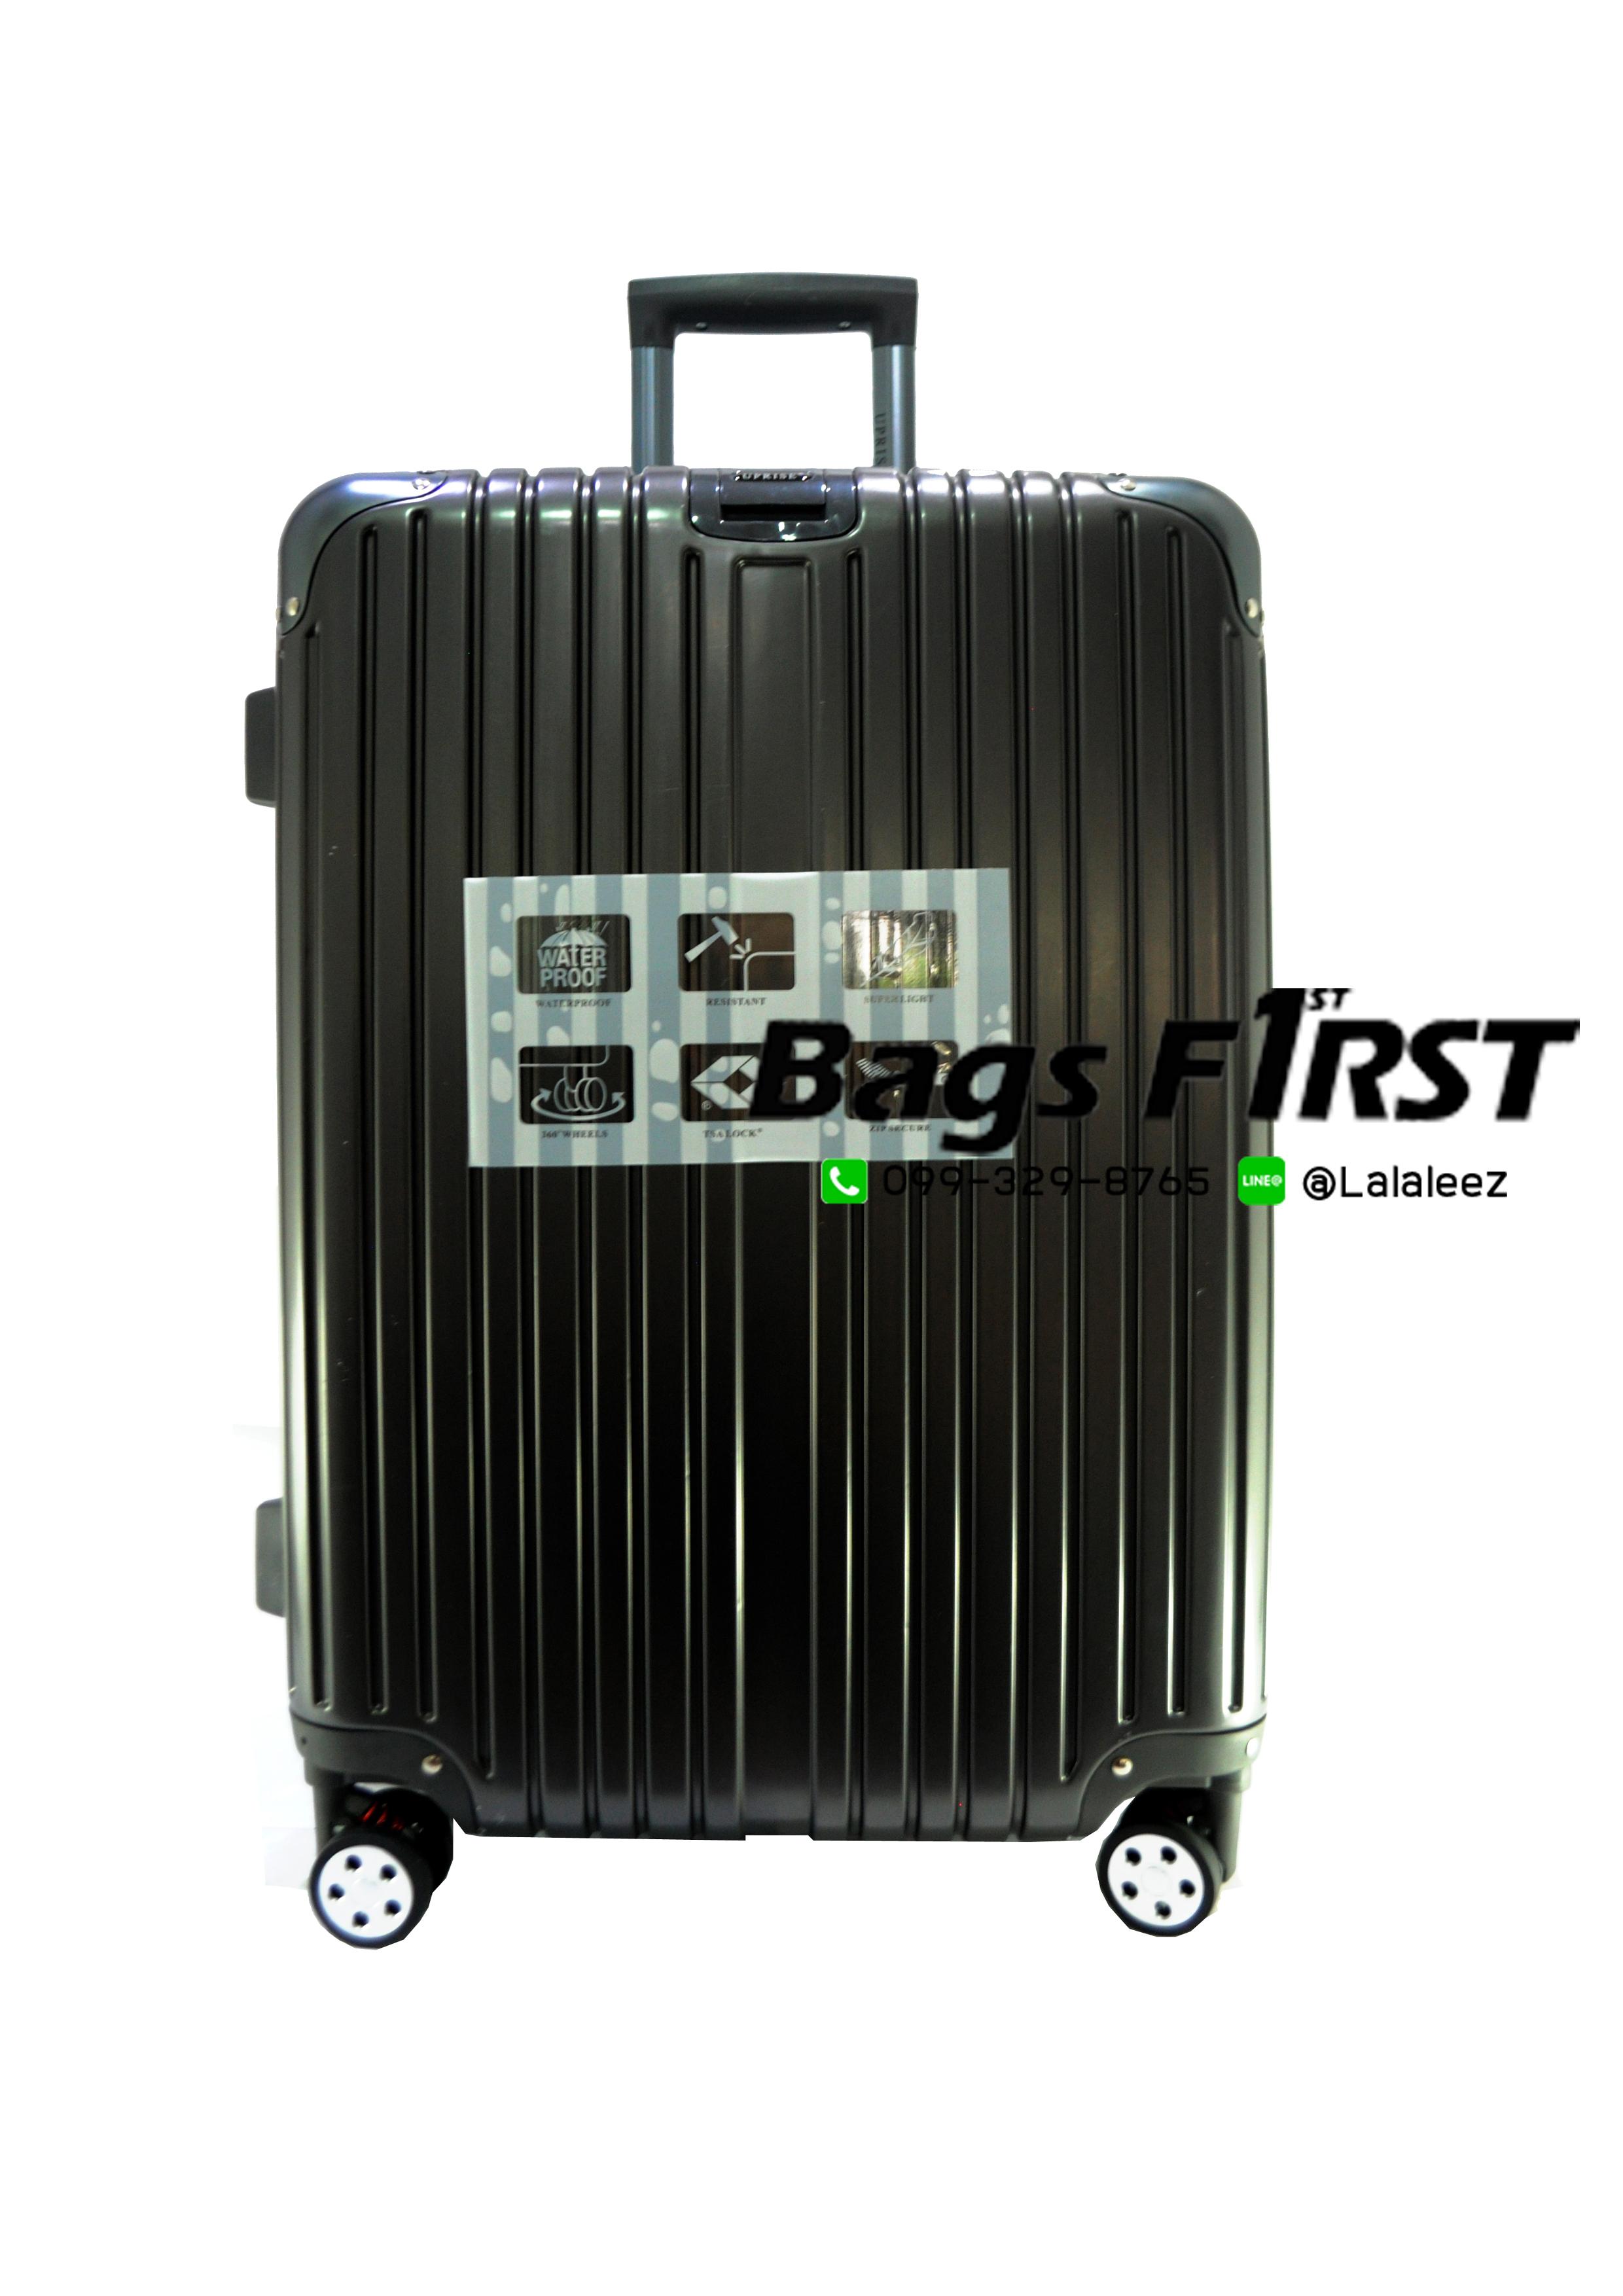 กระเป๋าเดินทาง รหัส 5507 สีเทา-ดำ ขนาด 20 นิ้ว